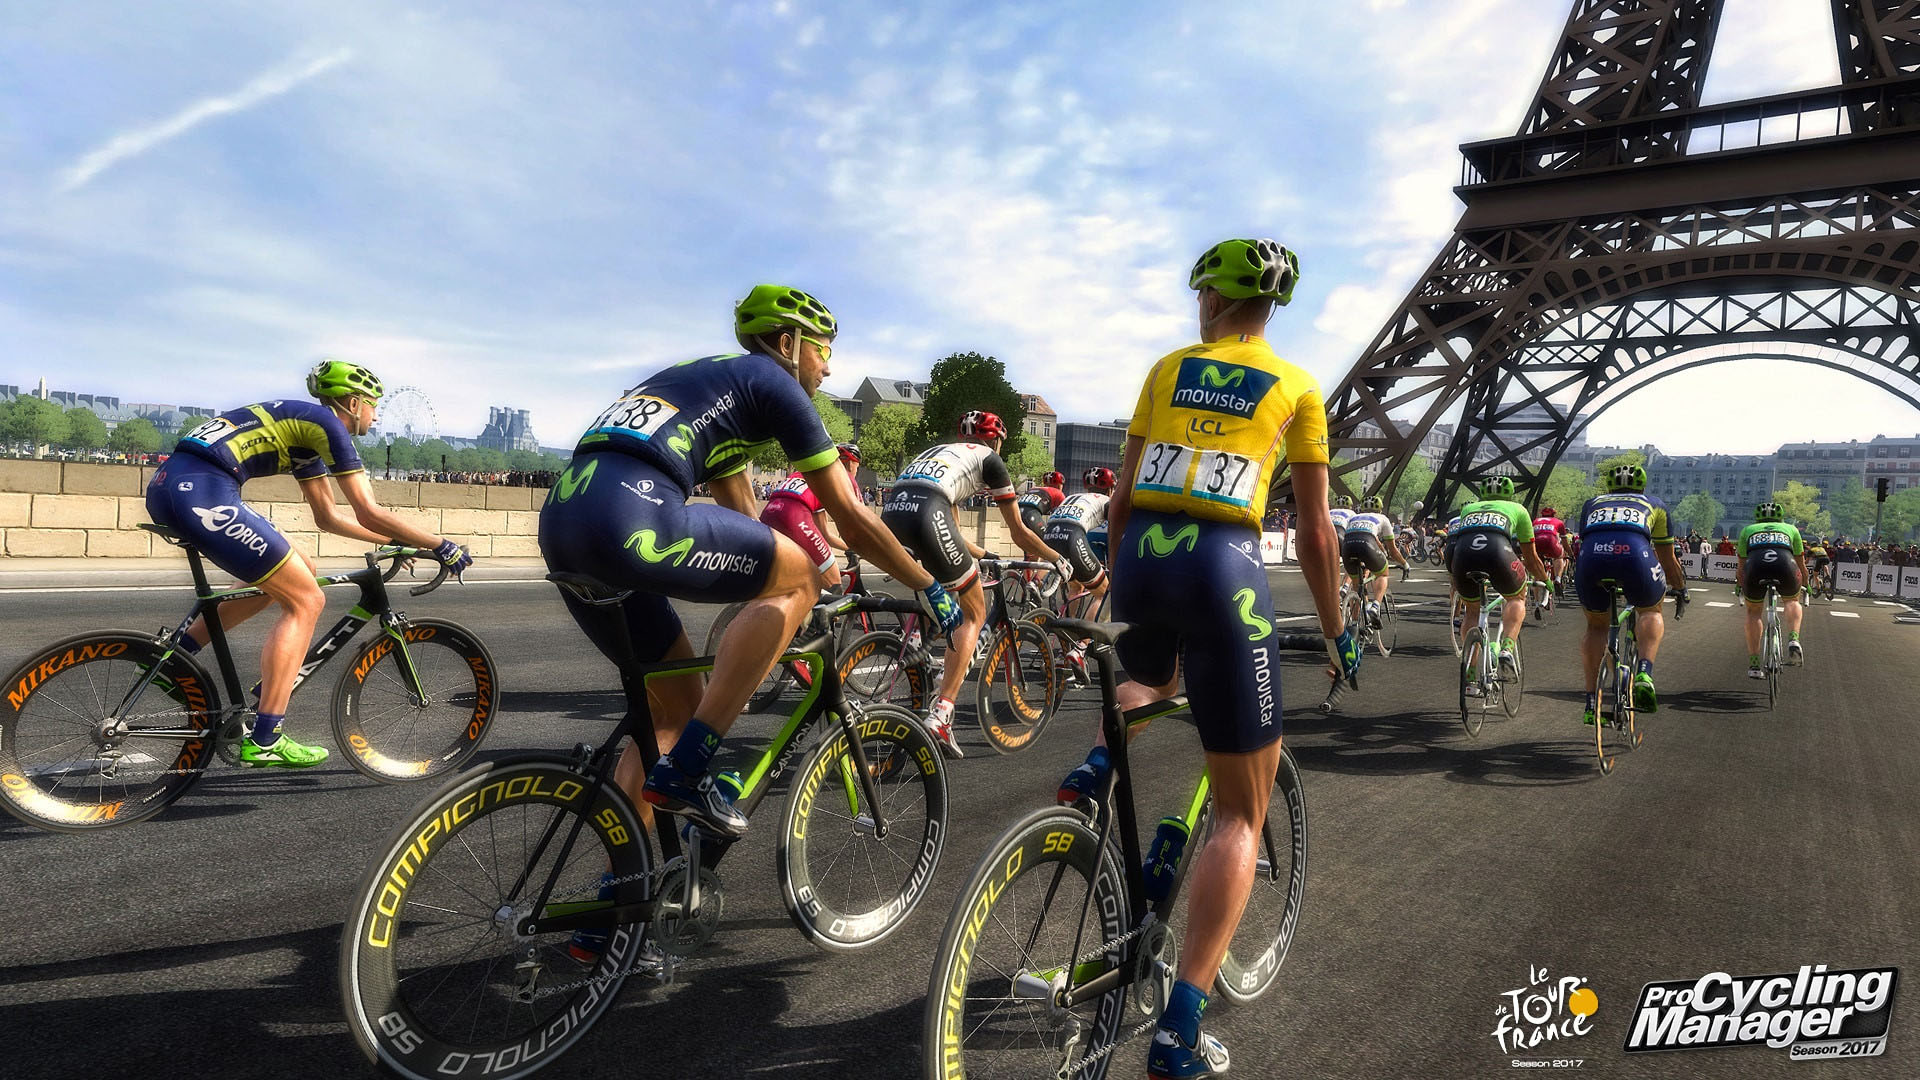 Le Tour De France 2017 Recensione